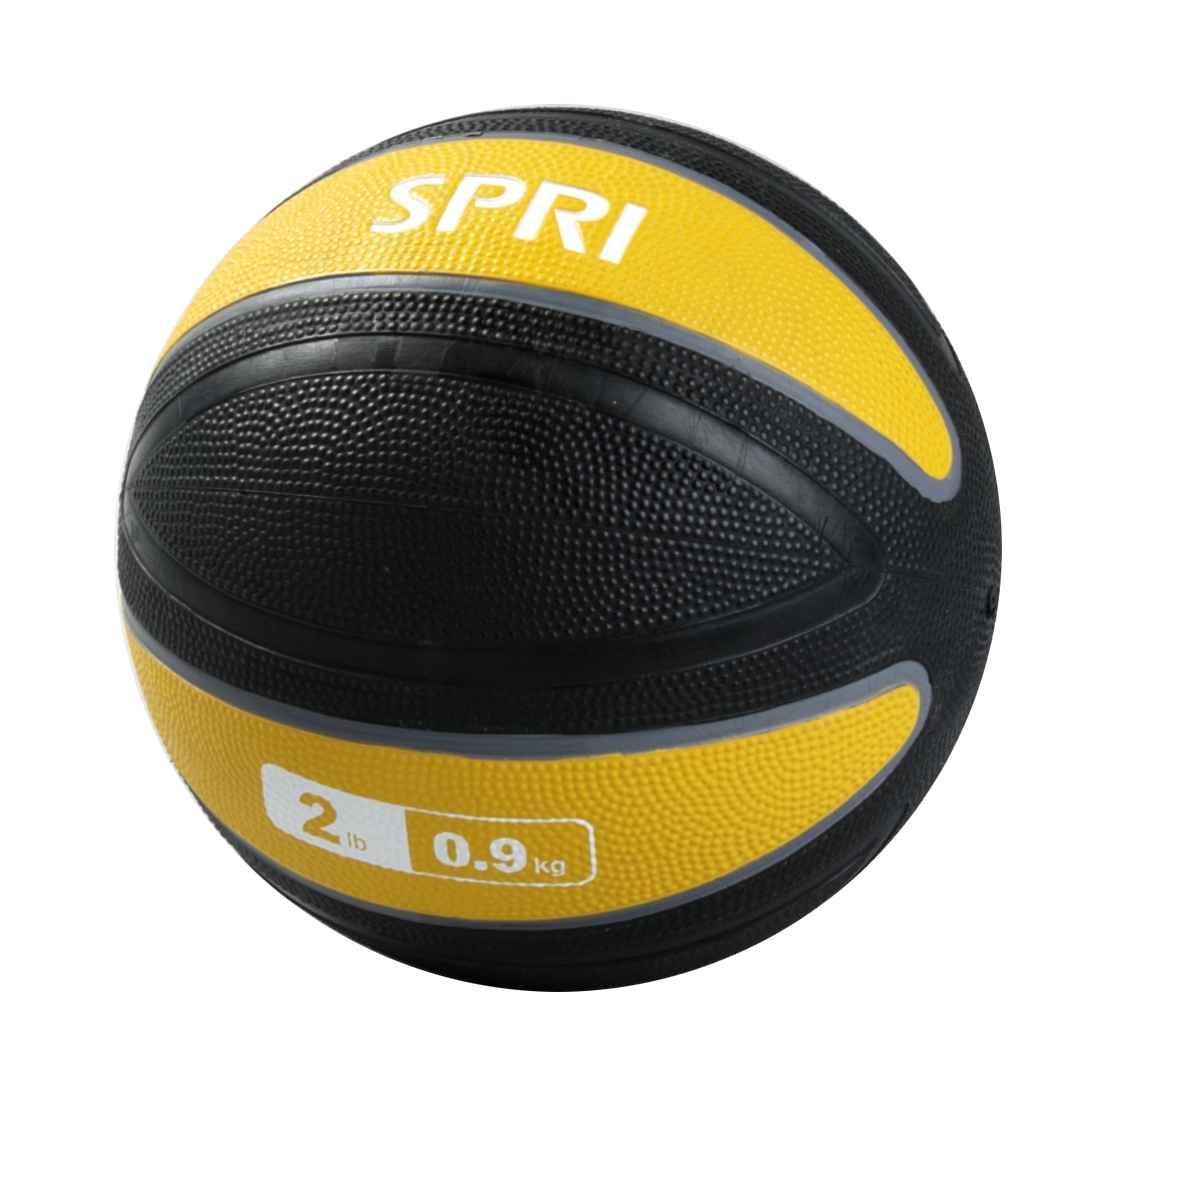 SPRI Xerball Medicine Ball - 2 Lb